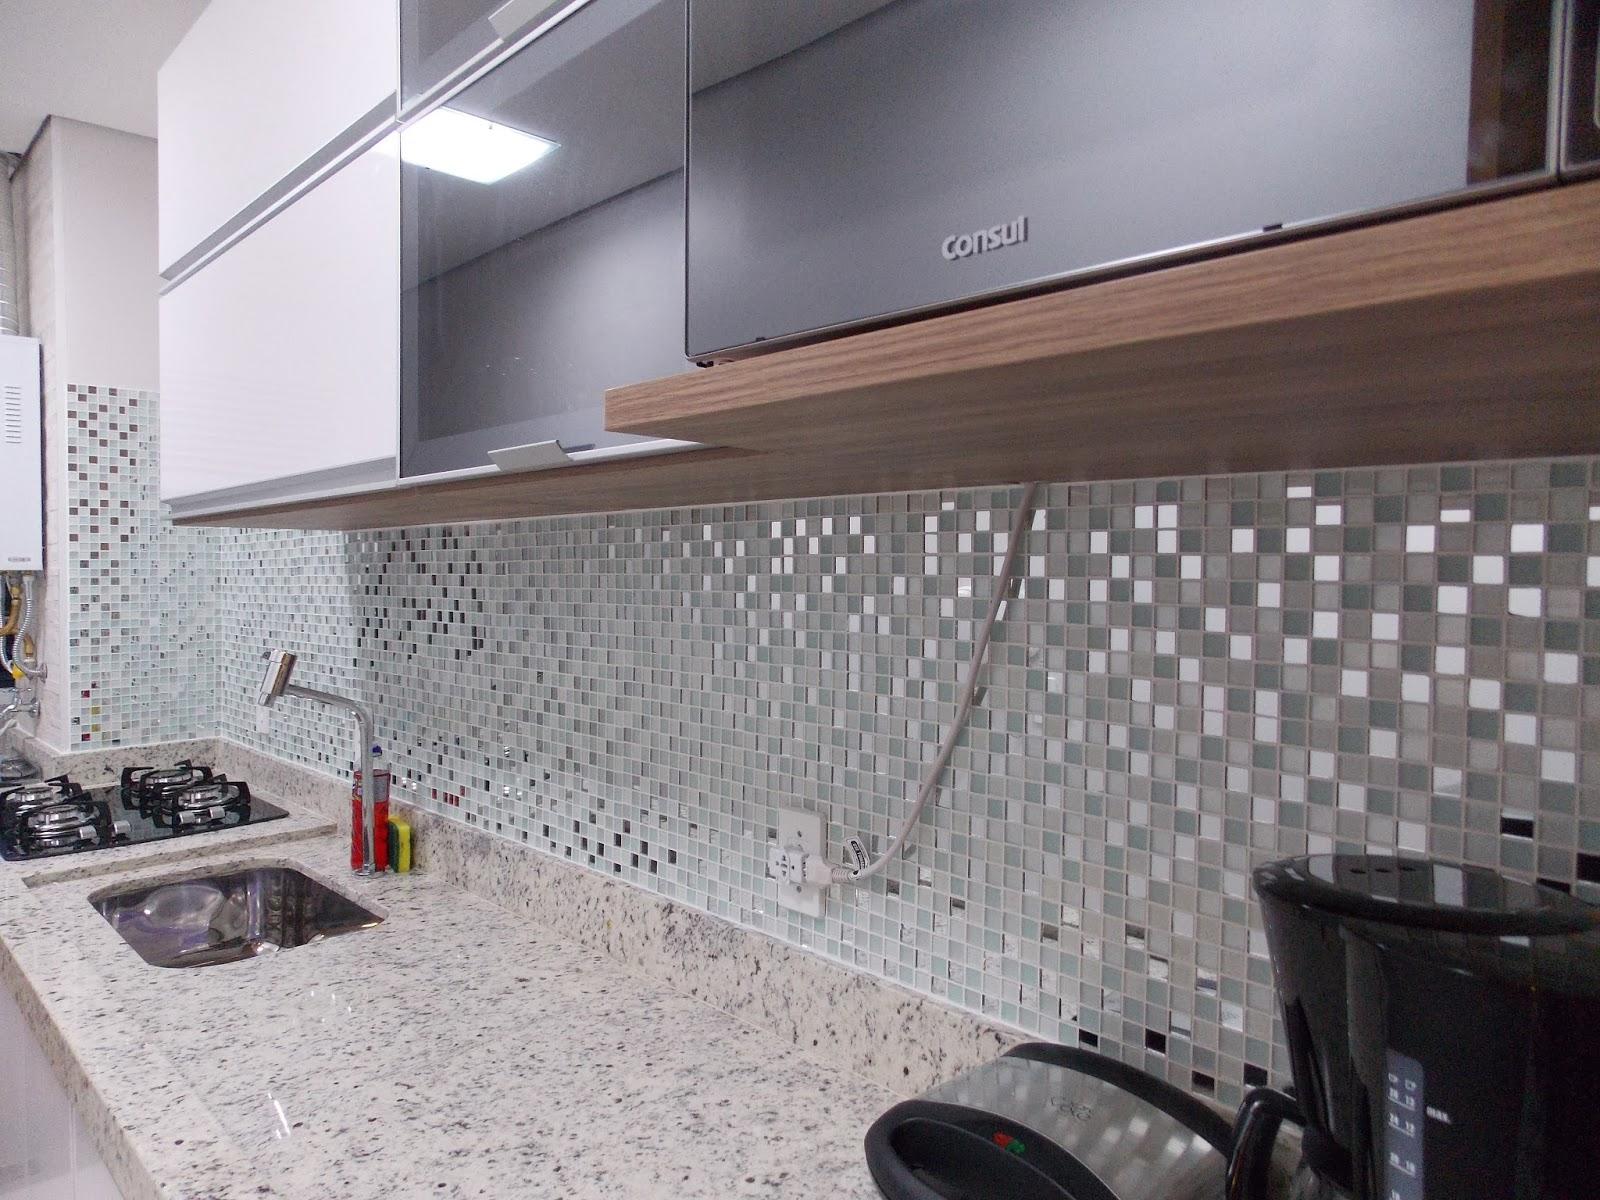 Pastilhas para usar na cozinha Comprando Meu Apê #735D50 1600x1200 Banheiro Branco Com Pastilhas Vermelhas